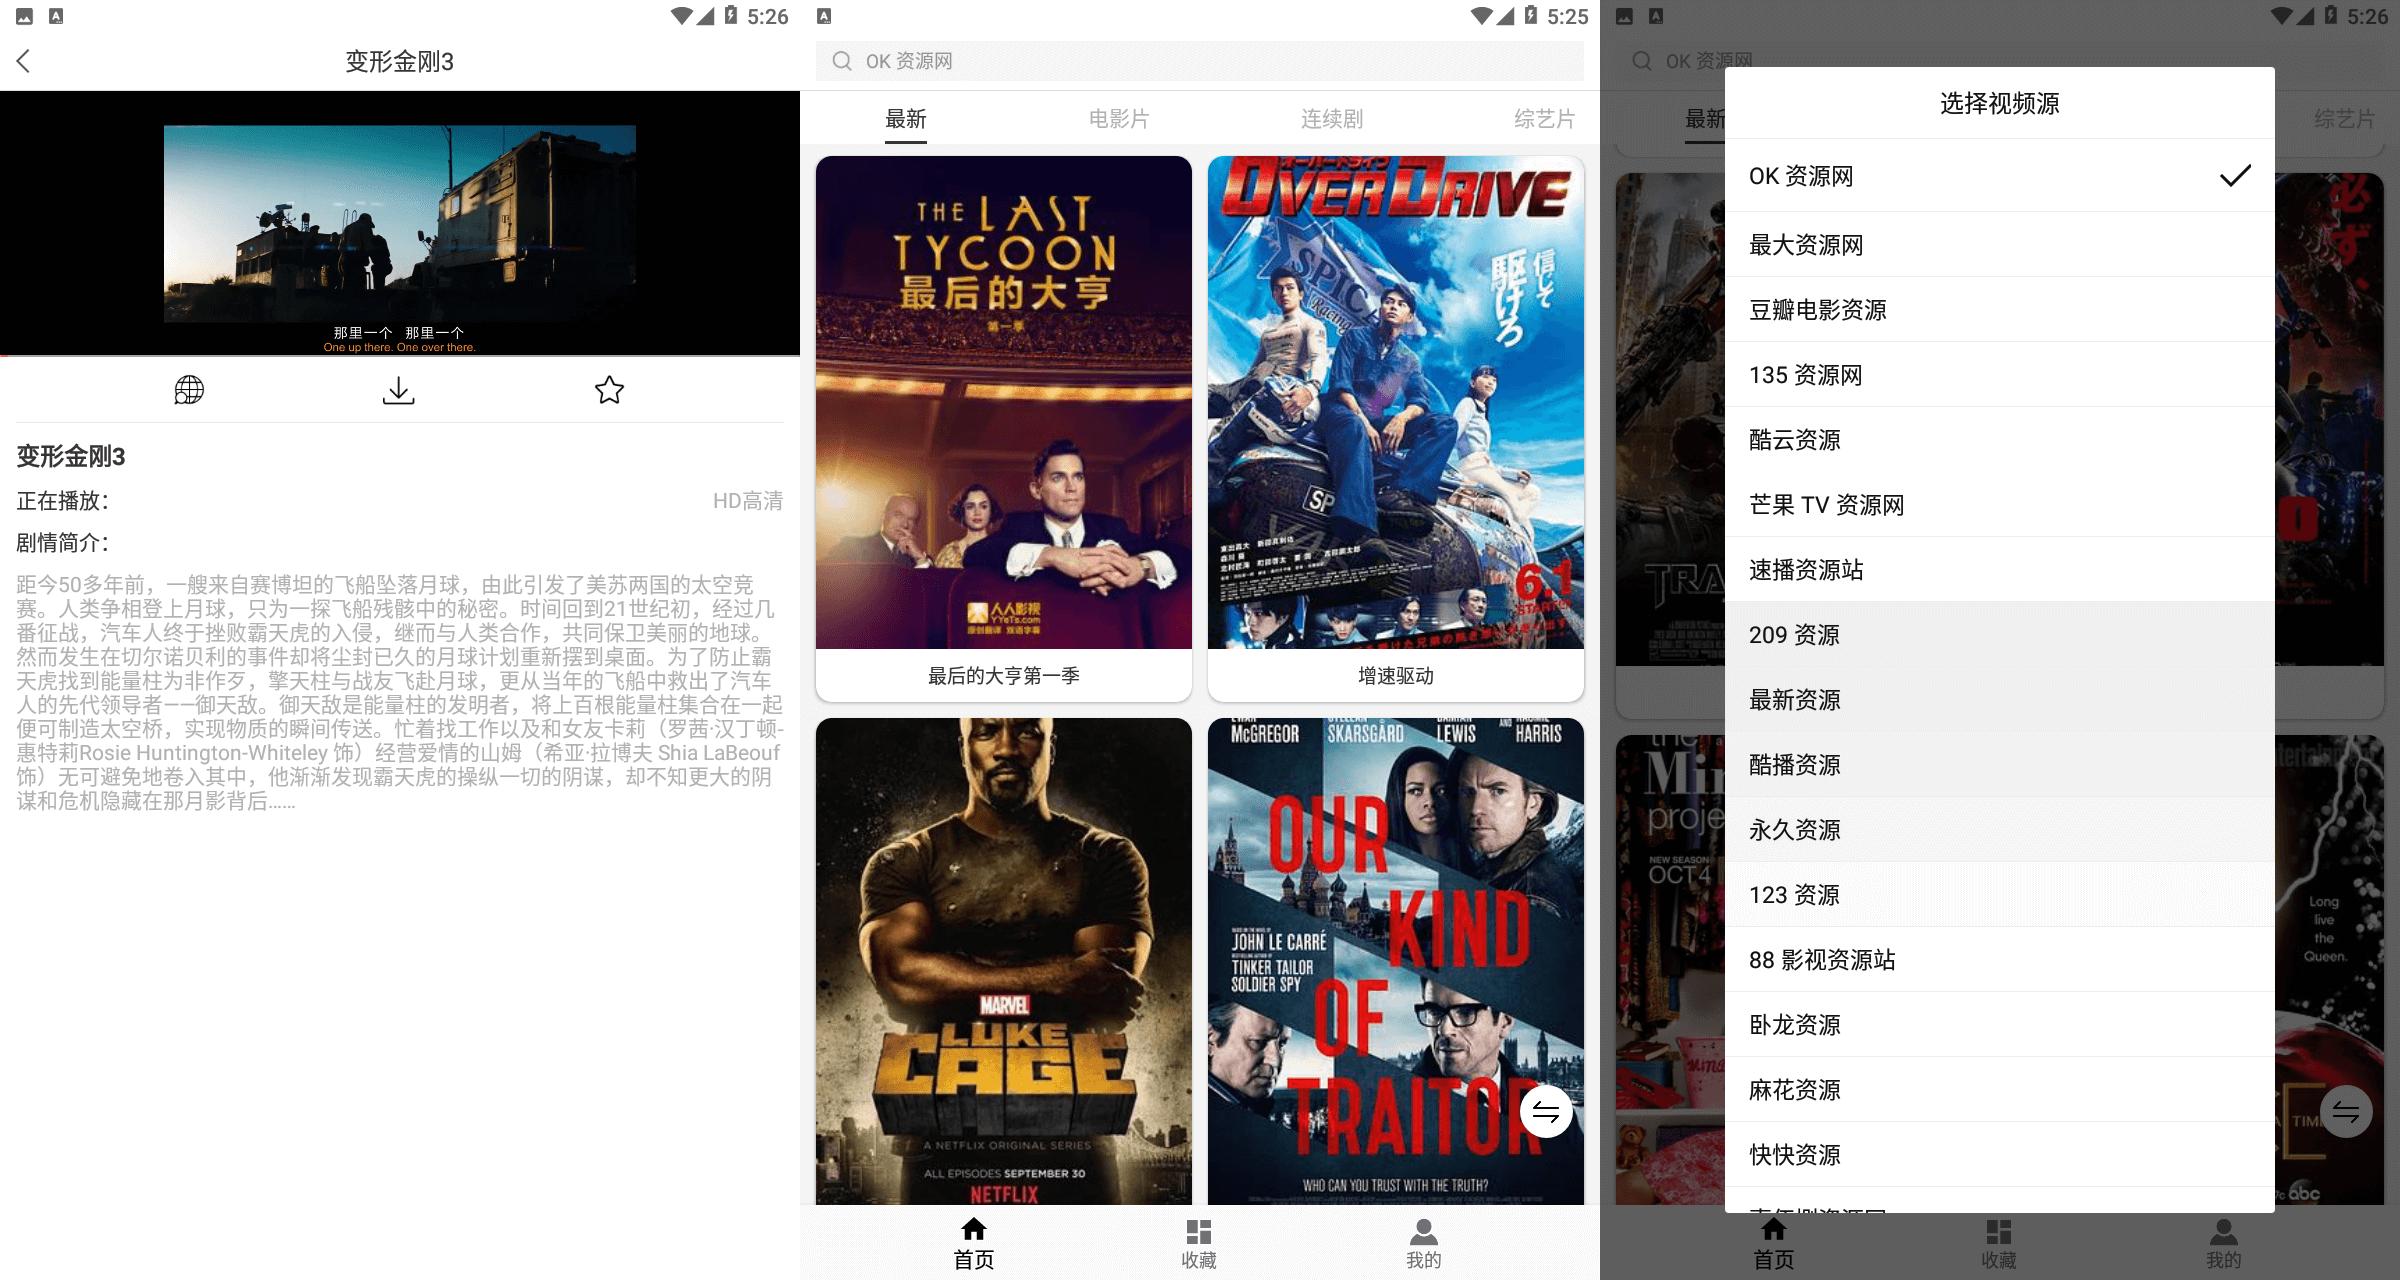 紫夜影视app免费看全网电影